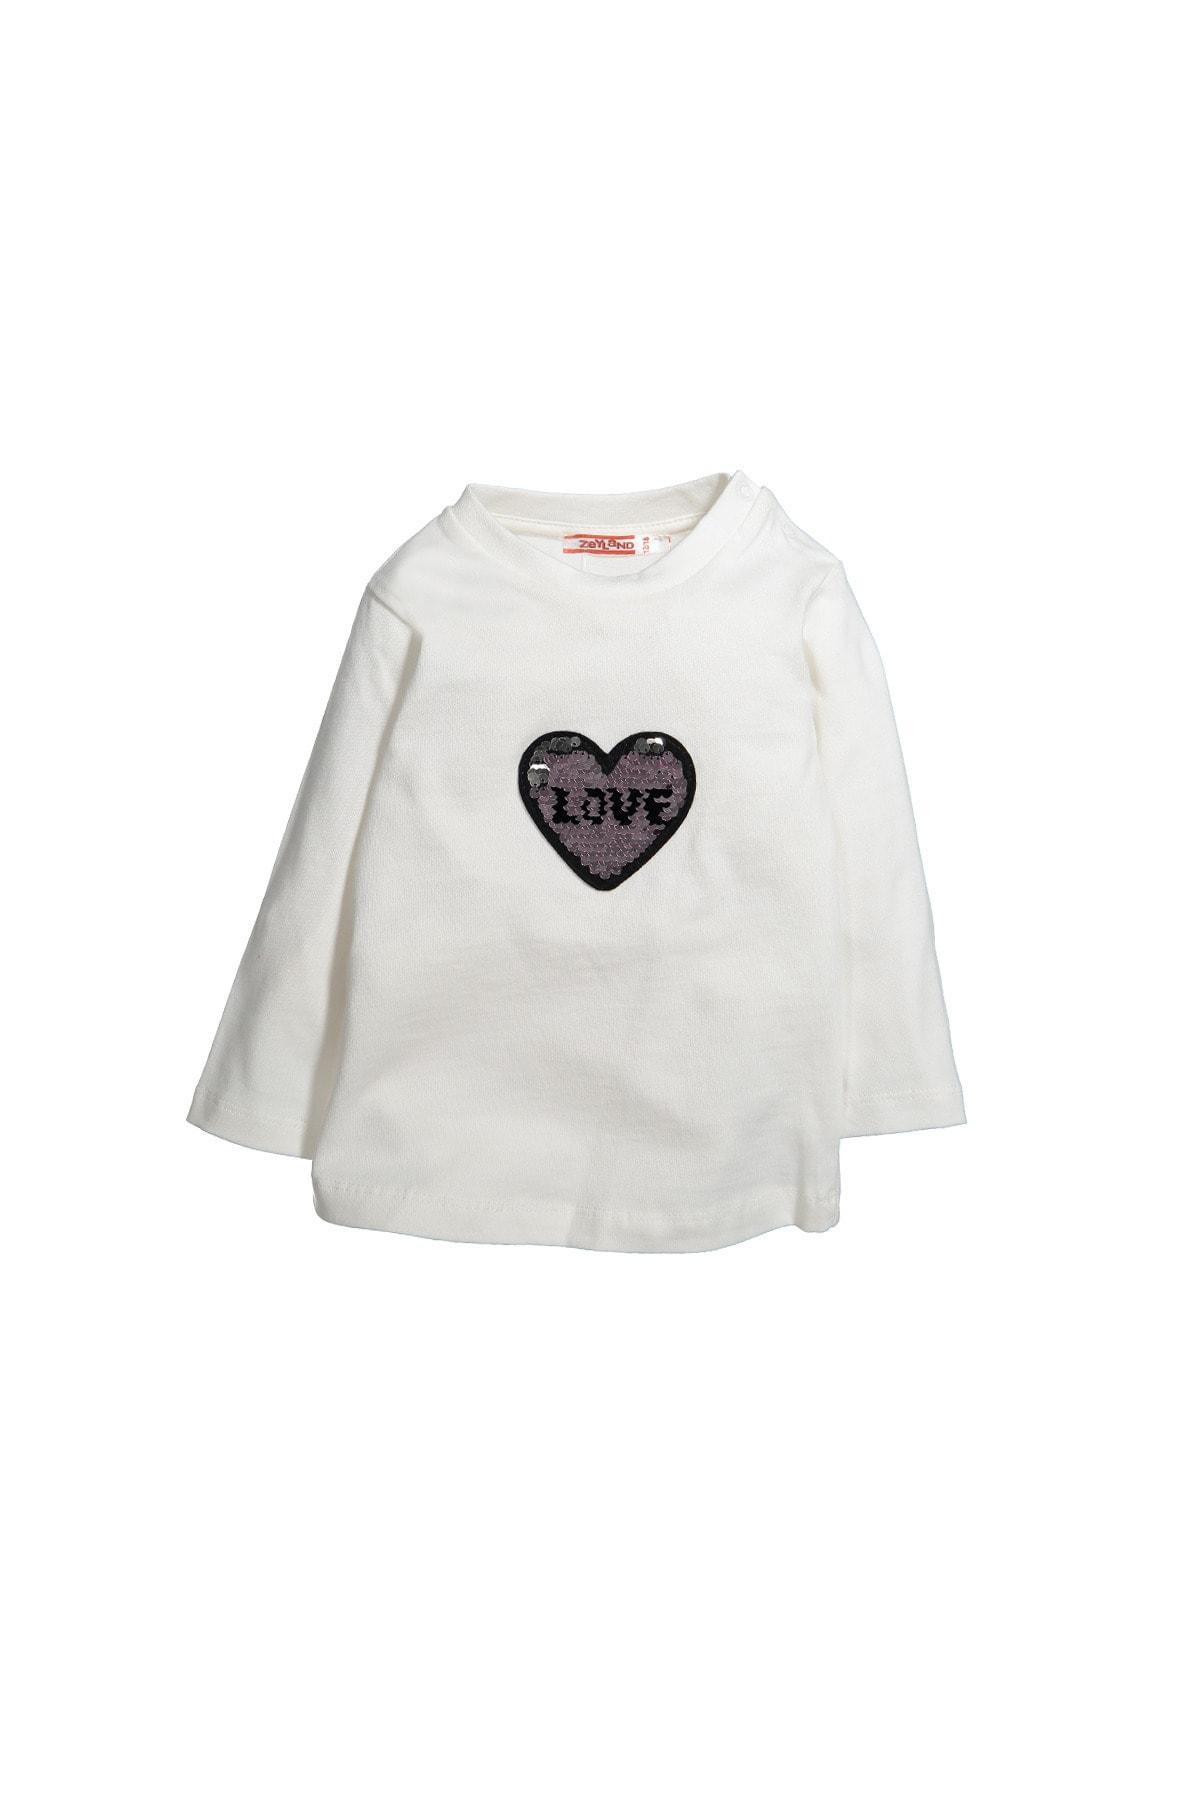 قیمت بلوز نوزاد دختر برند Zeyland رنگ بژ کد ty32996855